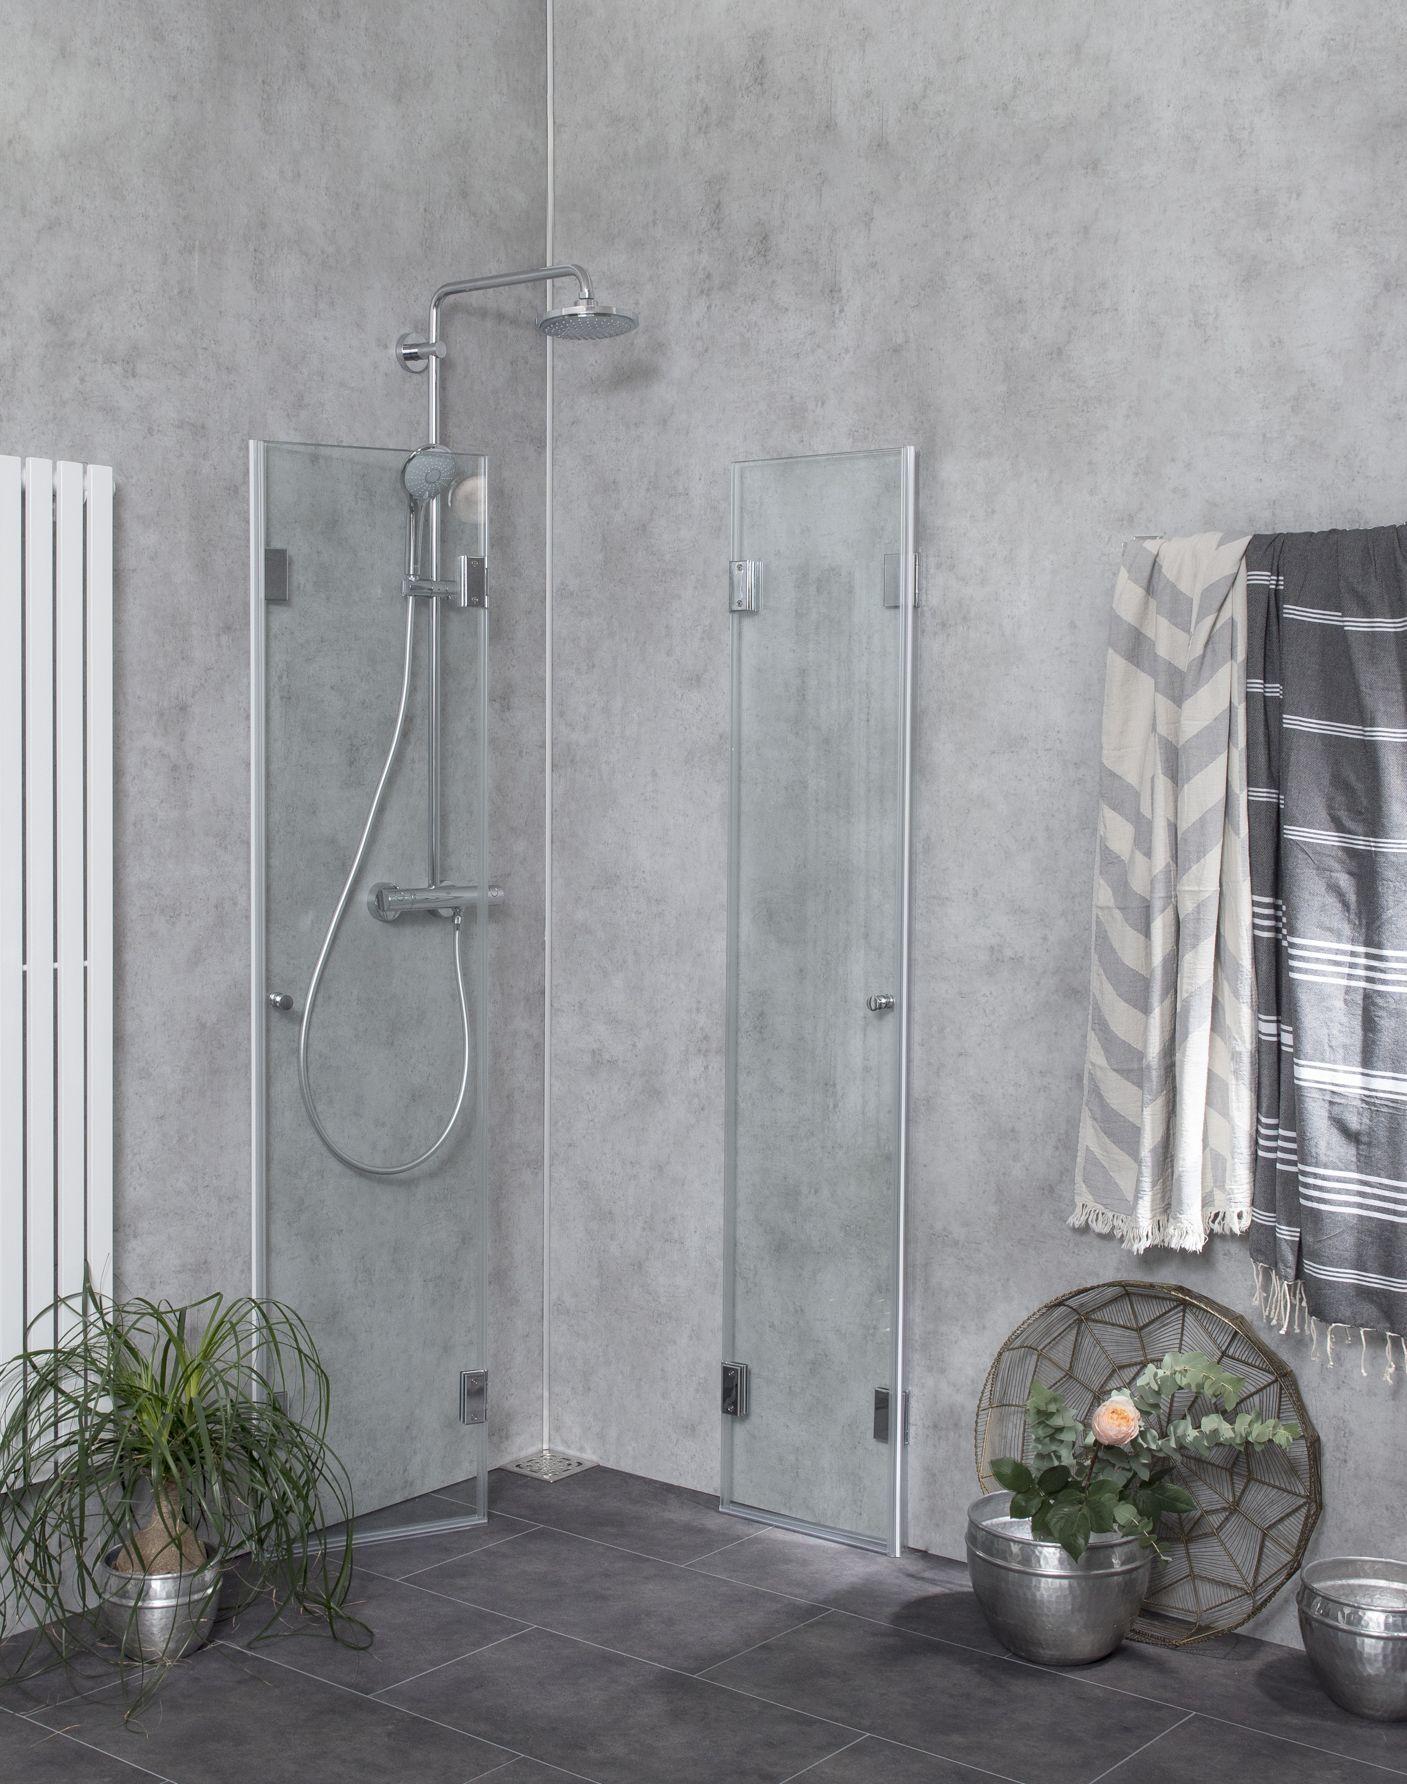 Kleines Bad einrichten Mehr Platz mit Dusche zum Wegklappen & Co.